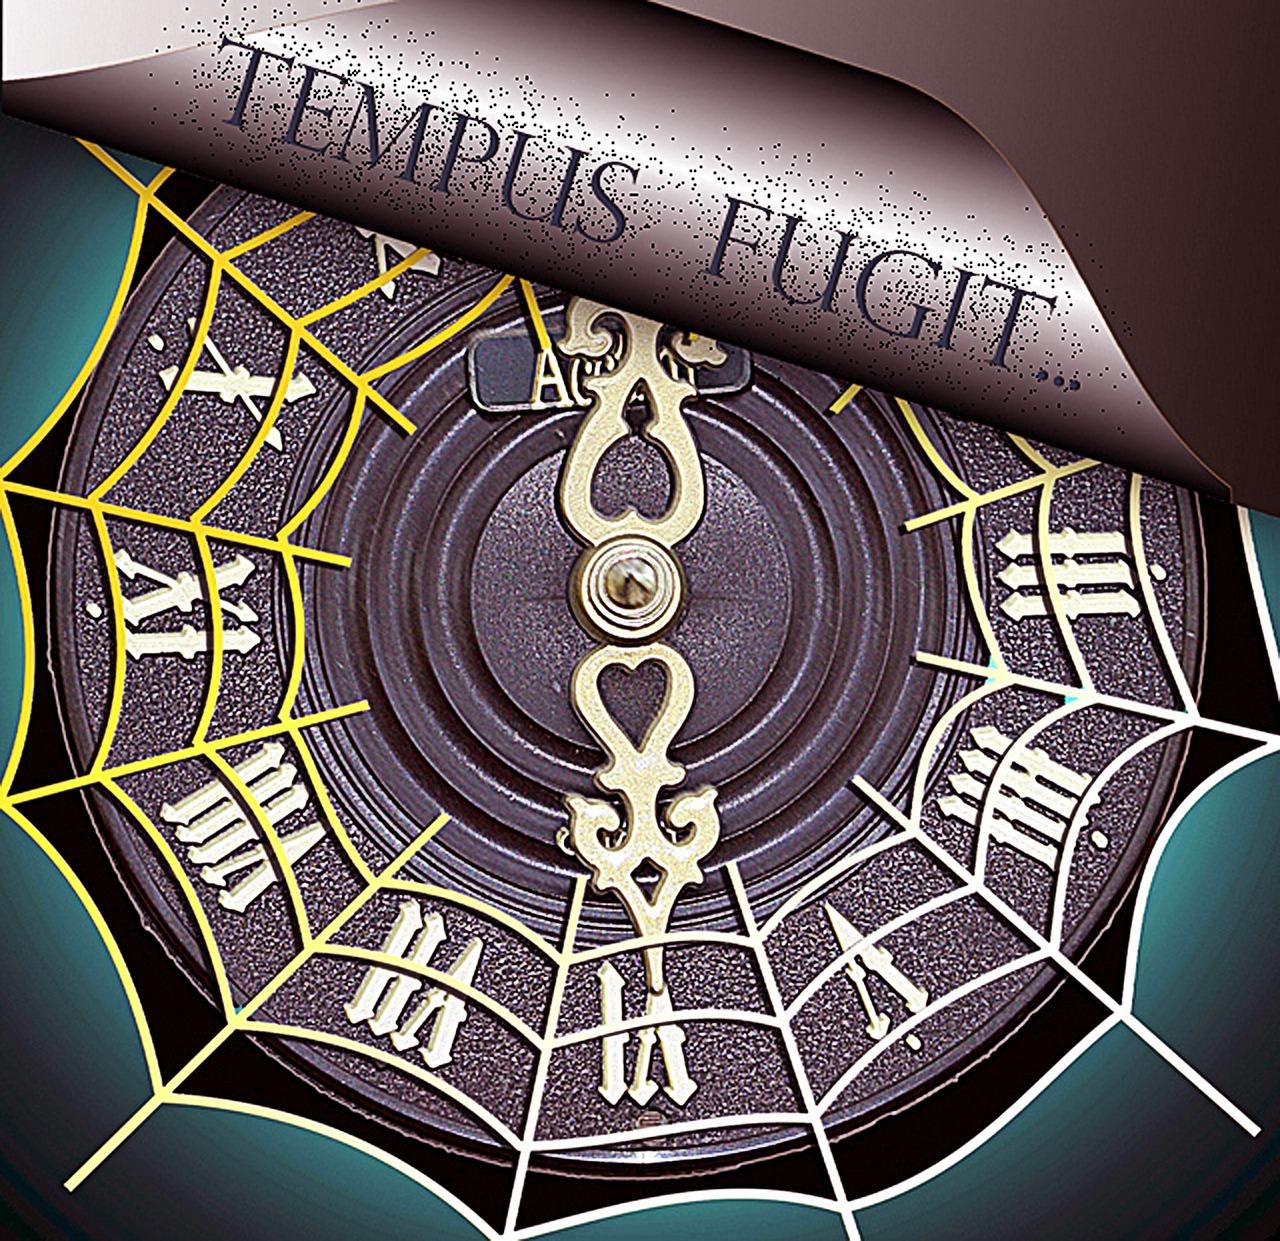 tempus-fugit